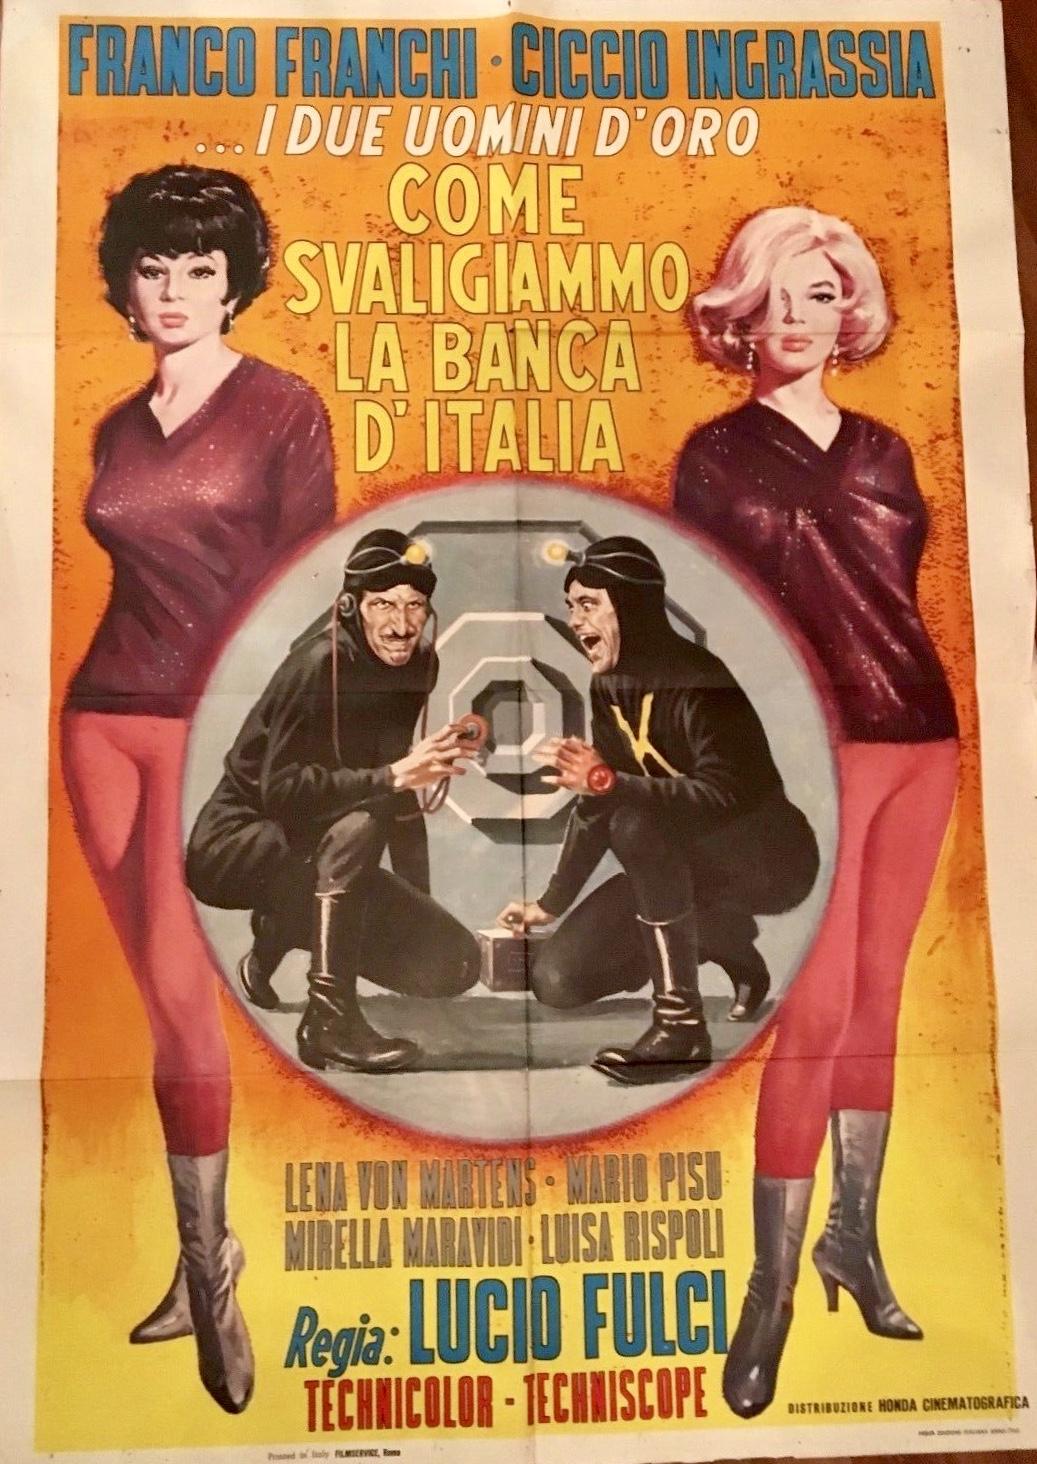 SCARICARE CINEMA FILM FRANCHI FRANCO GRATIS ITALIANO